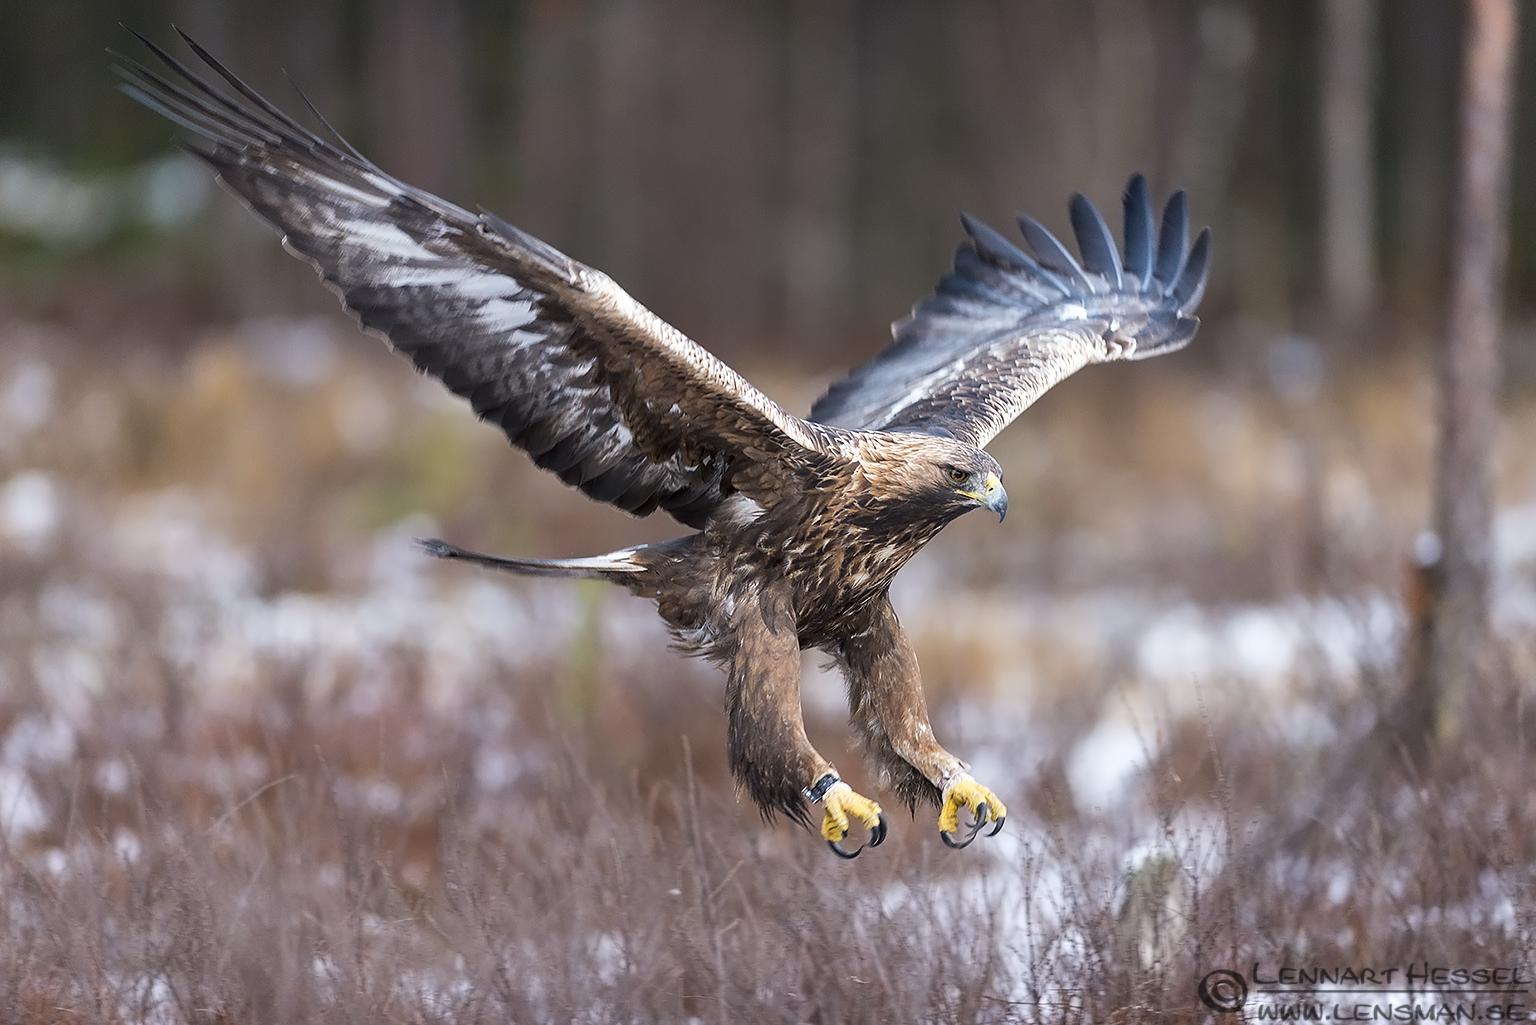 Male Golden Eagle in Kalvträsk getting ready to strike. wild bird winter